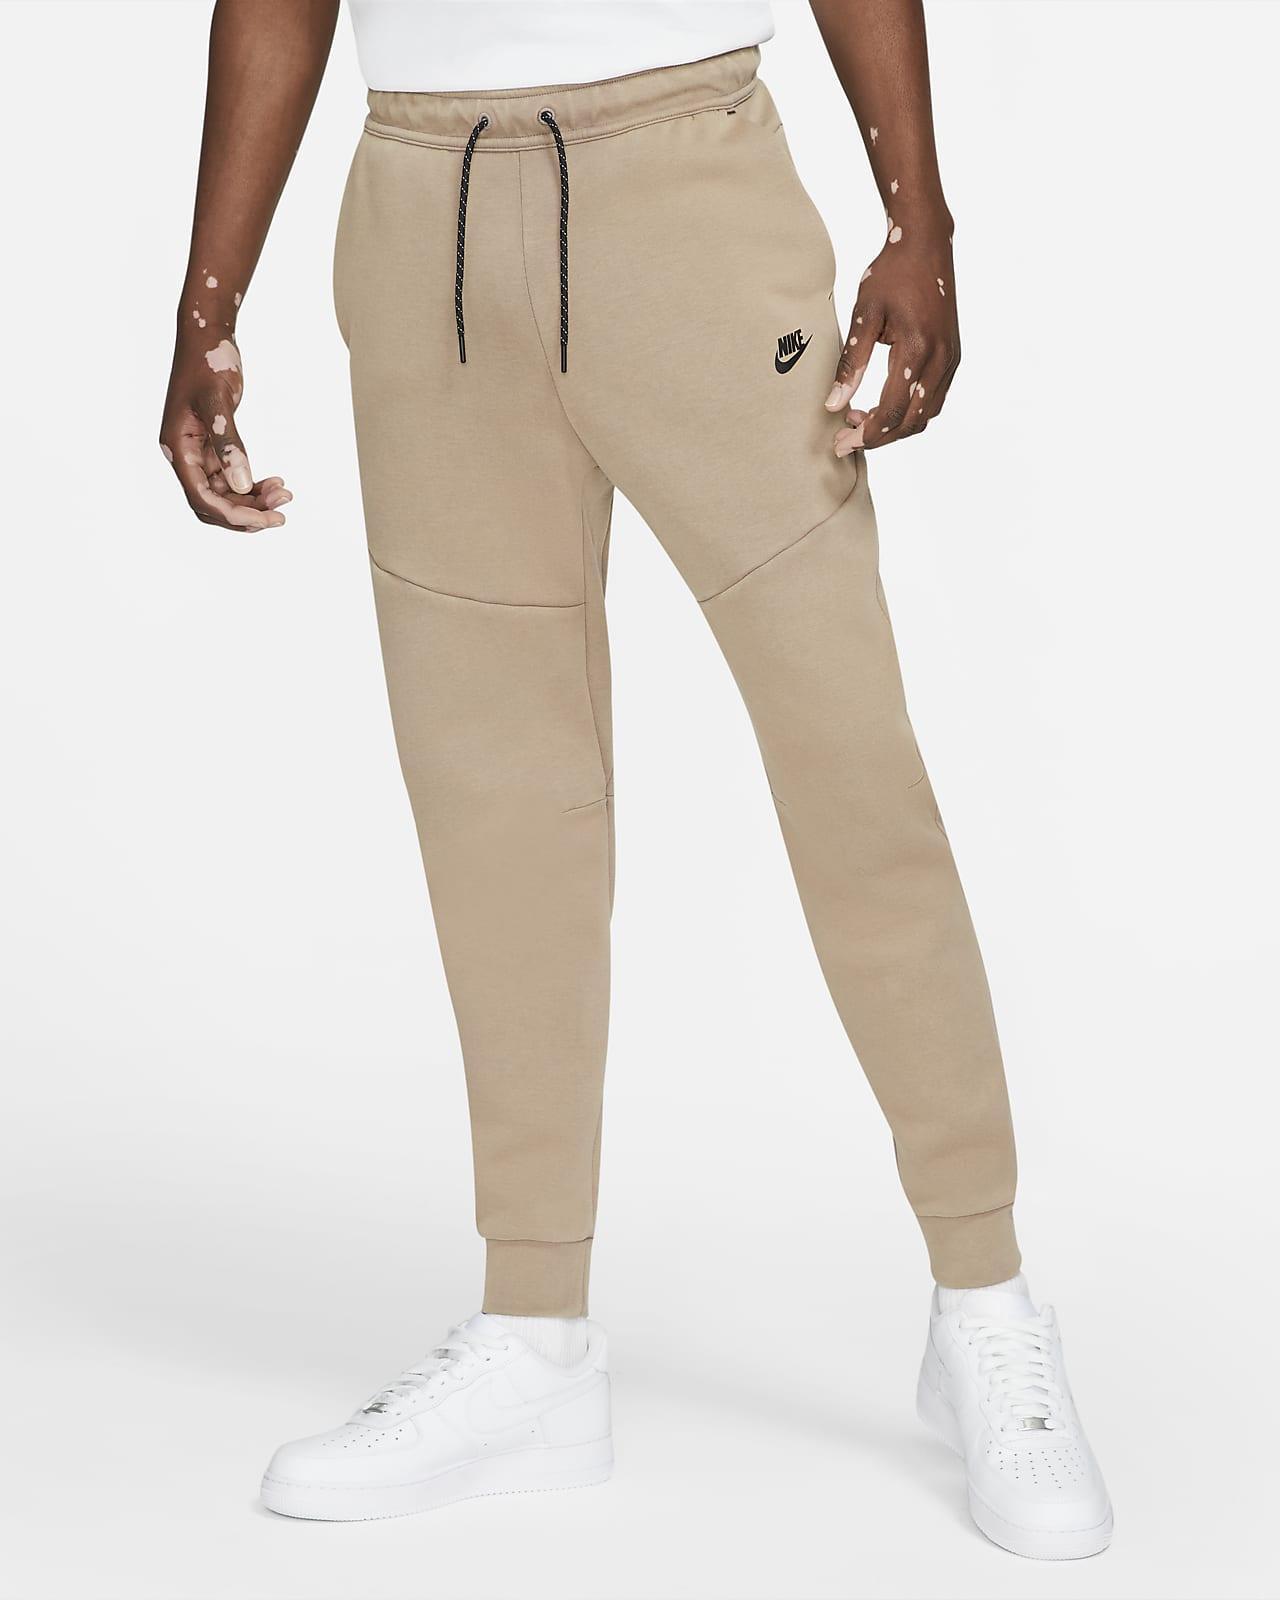 Pantalones de entrenamiento desteñidos para hombre Nike Sportswear Tech Fleece